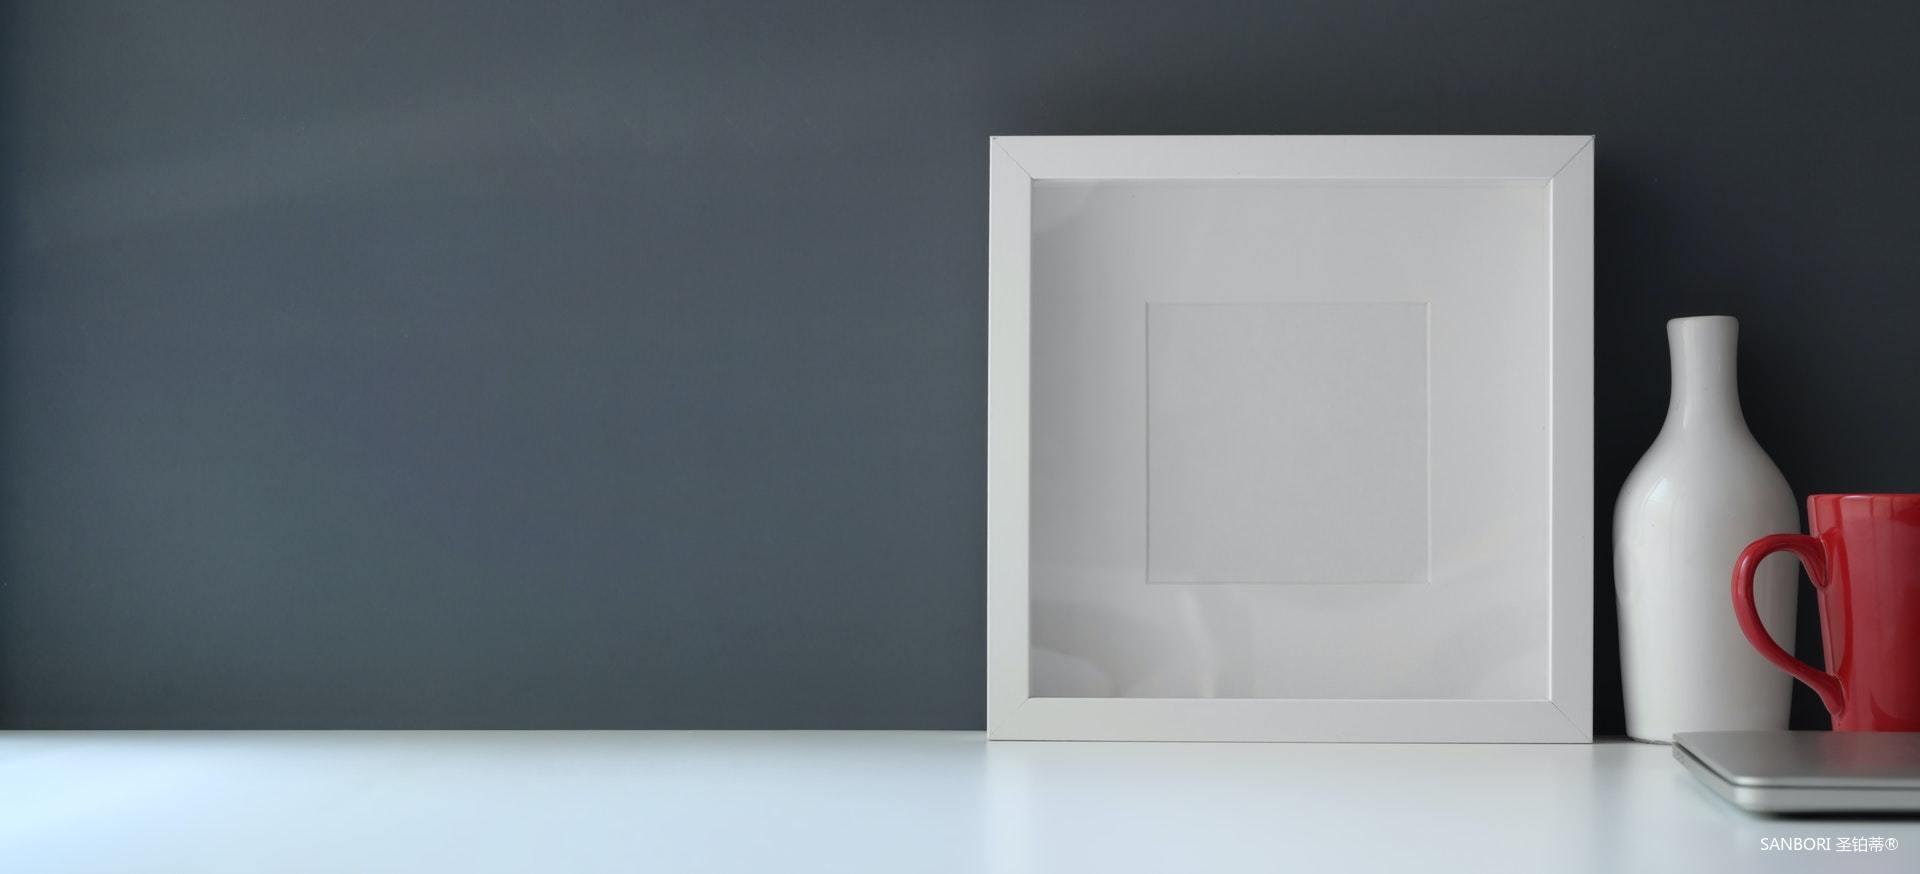 white-wooden-frame-on-white-flat-board-3774047.jpg